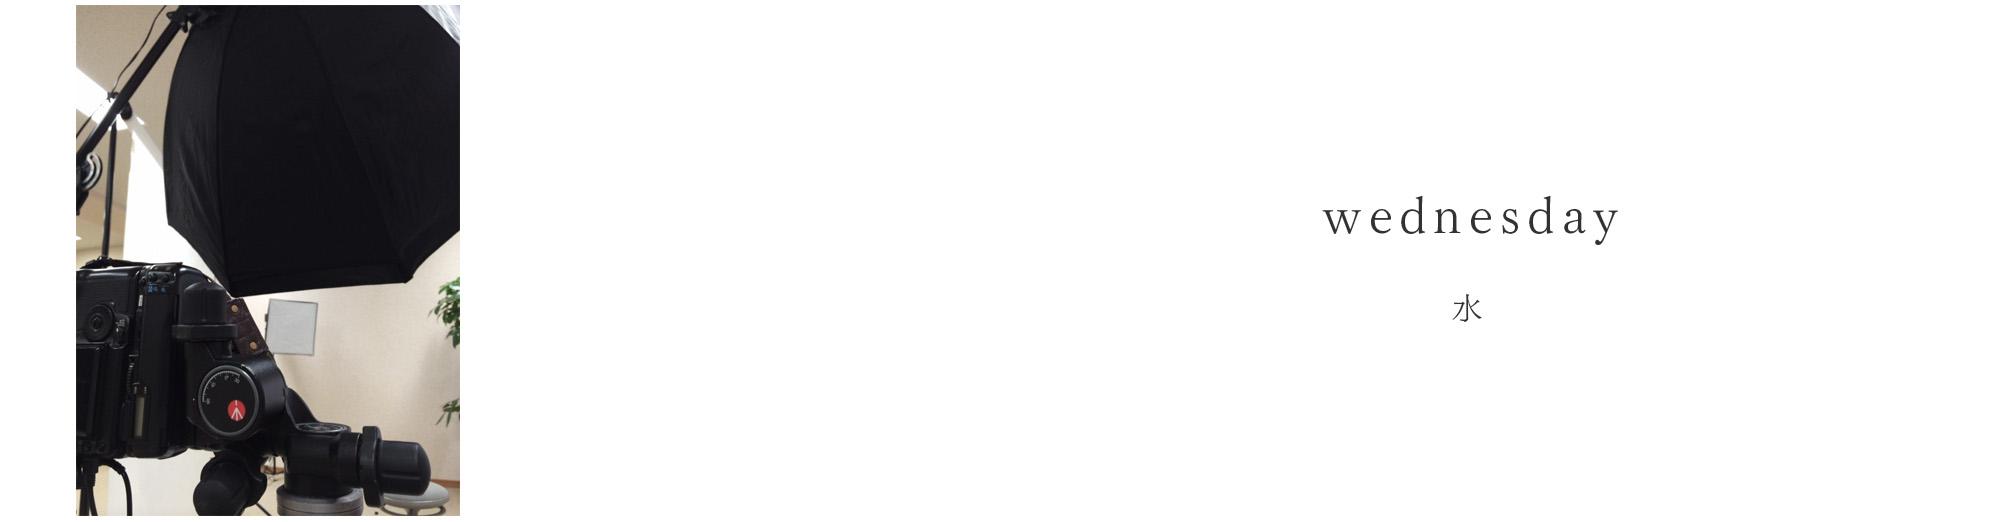 20141128_ボクの月火水木金日記_04wed